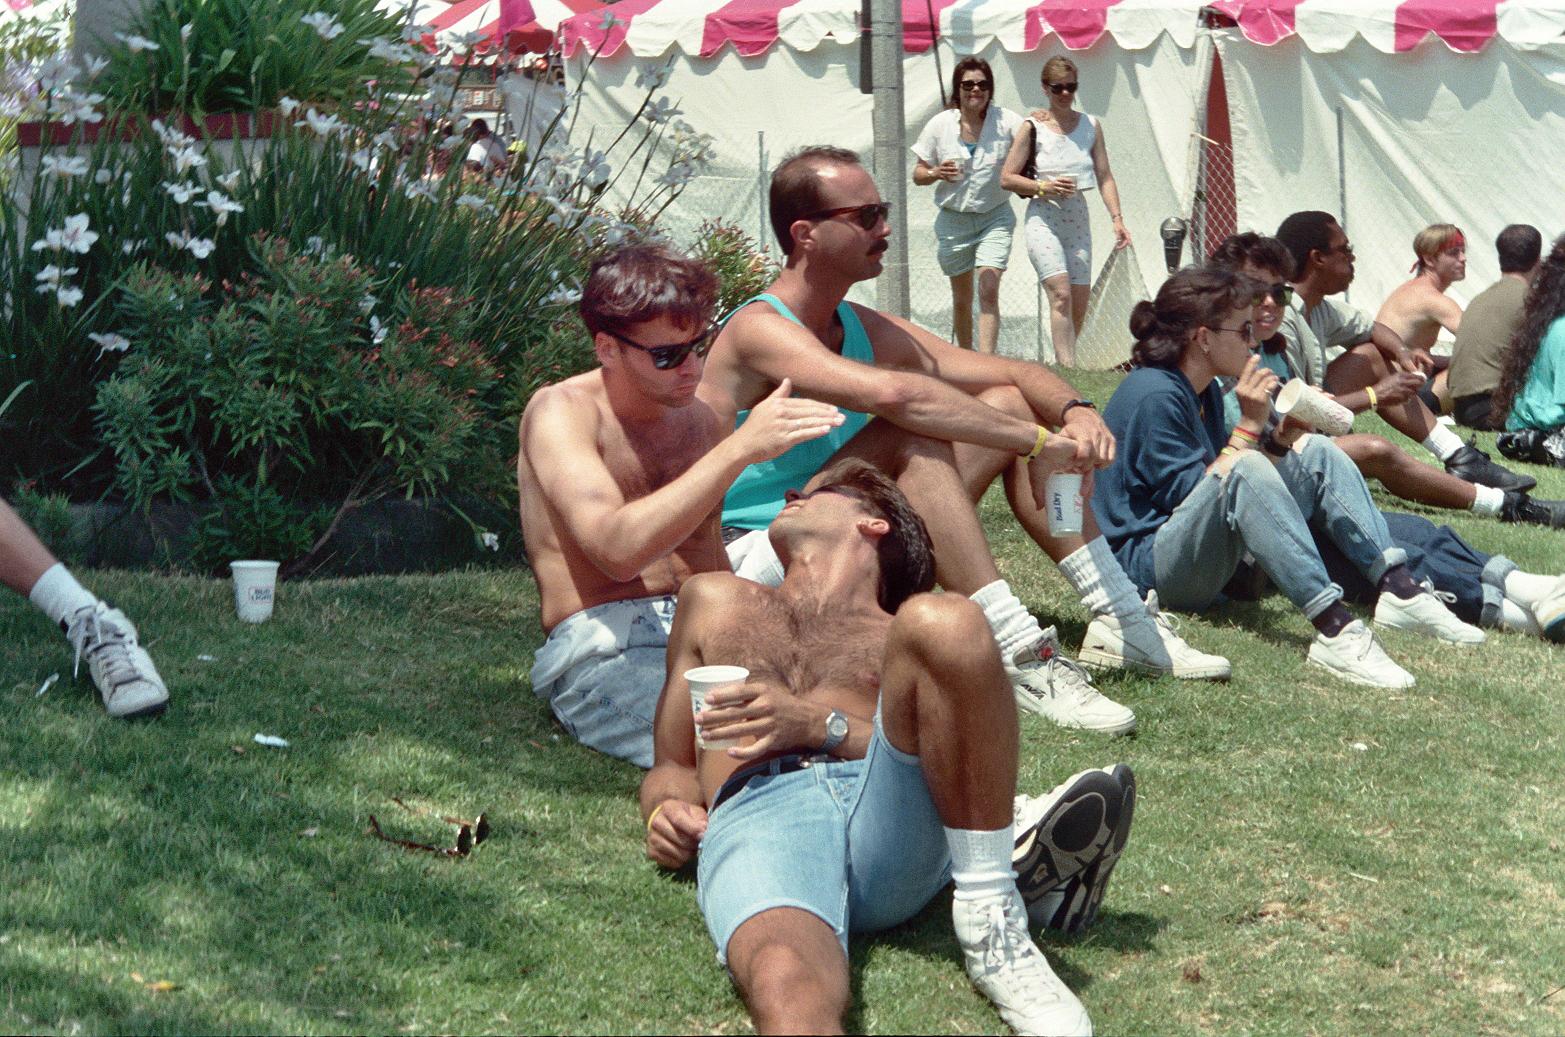 la-pride-1987-1995_22123054118_o